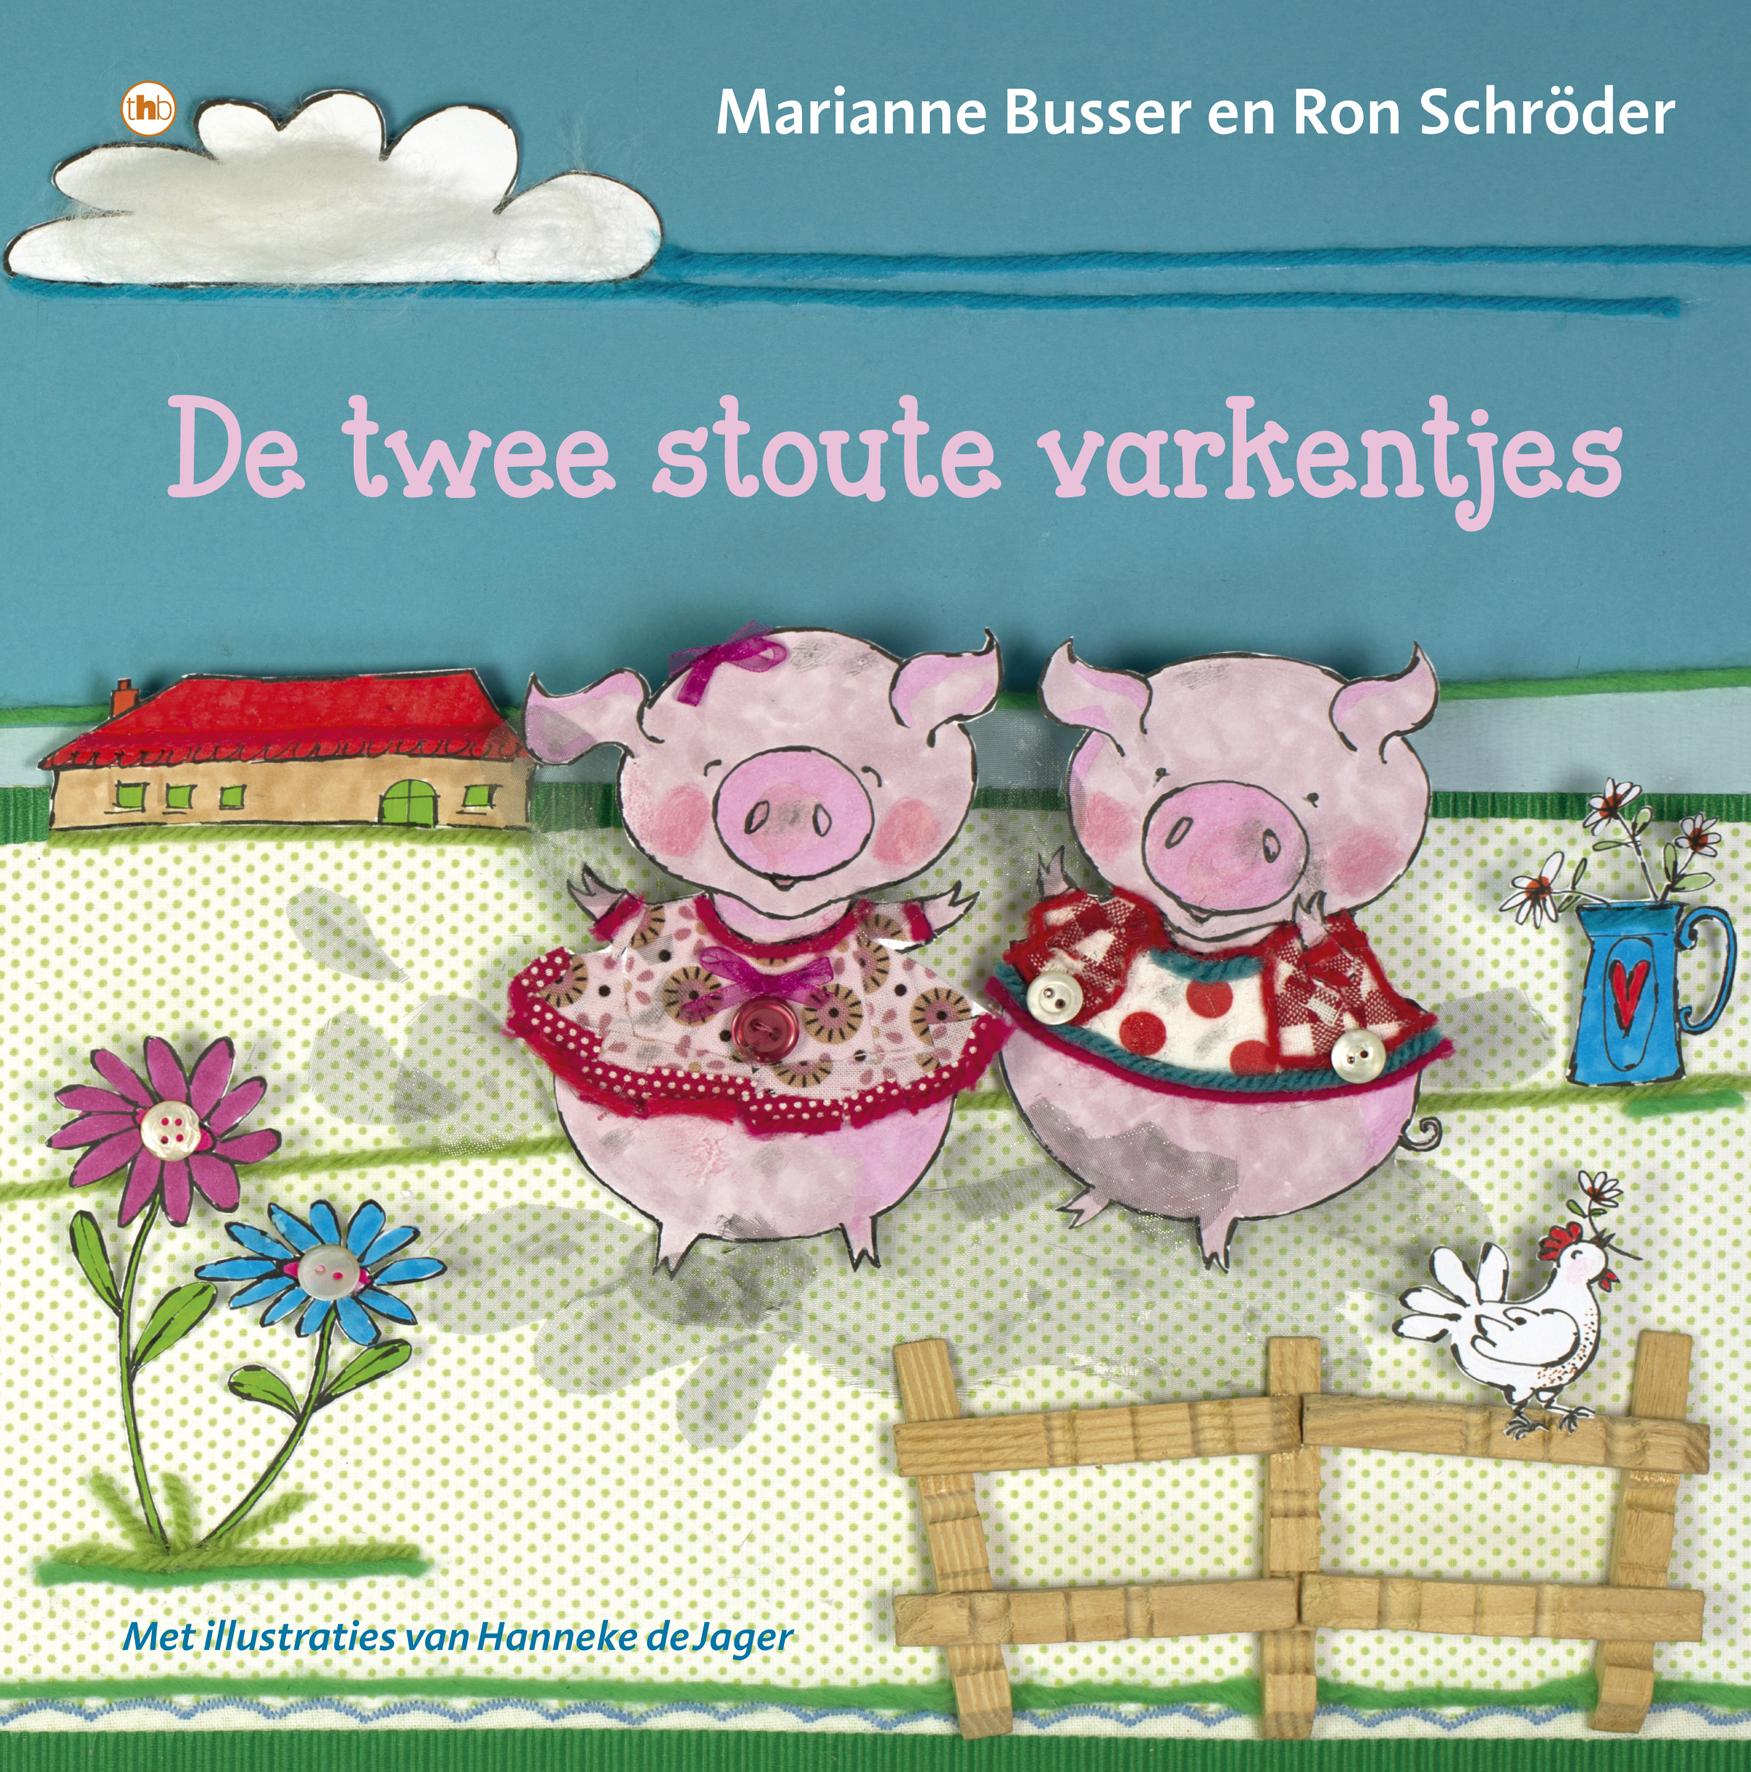 Twee stoute varkentjes, de Book Cover